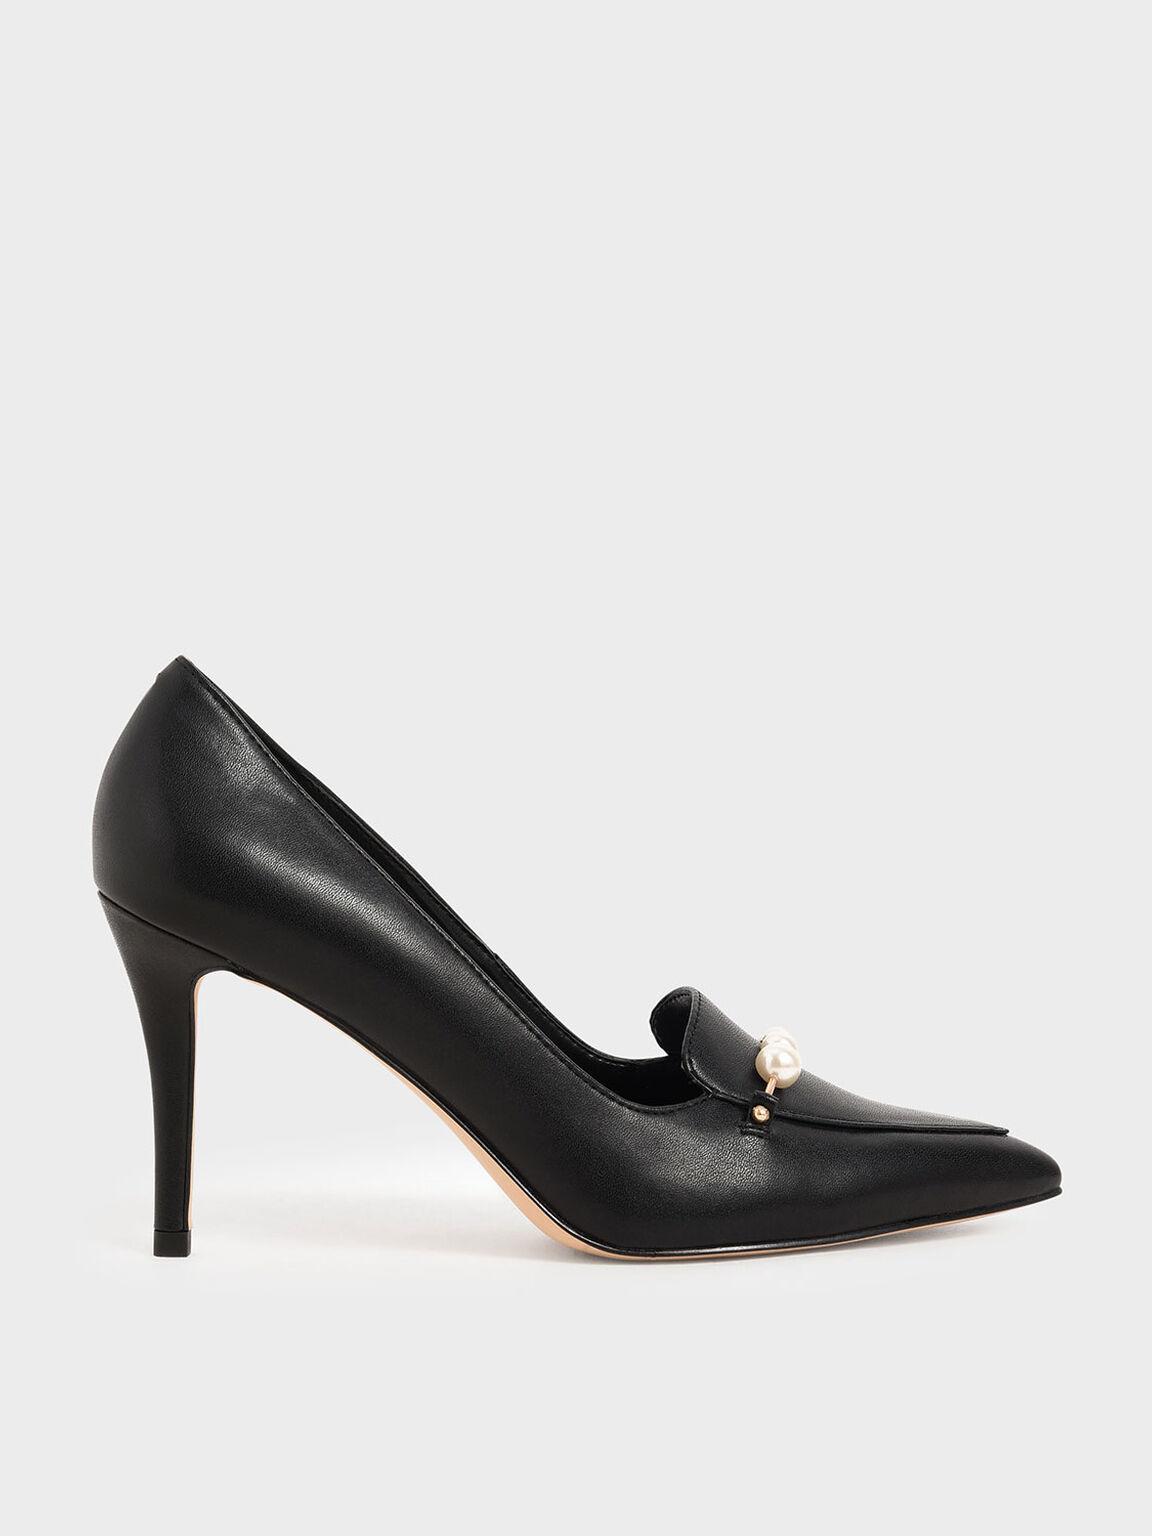 Embellished Loafer Pumps, Black, hi-res